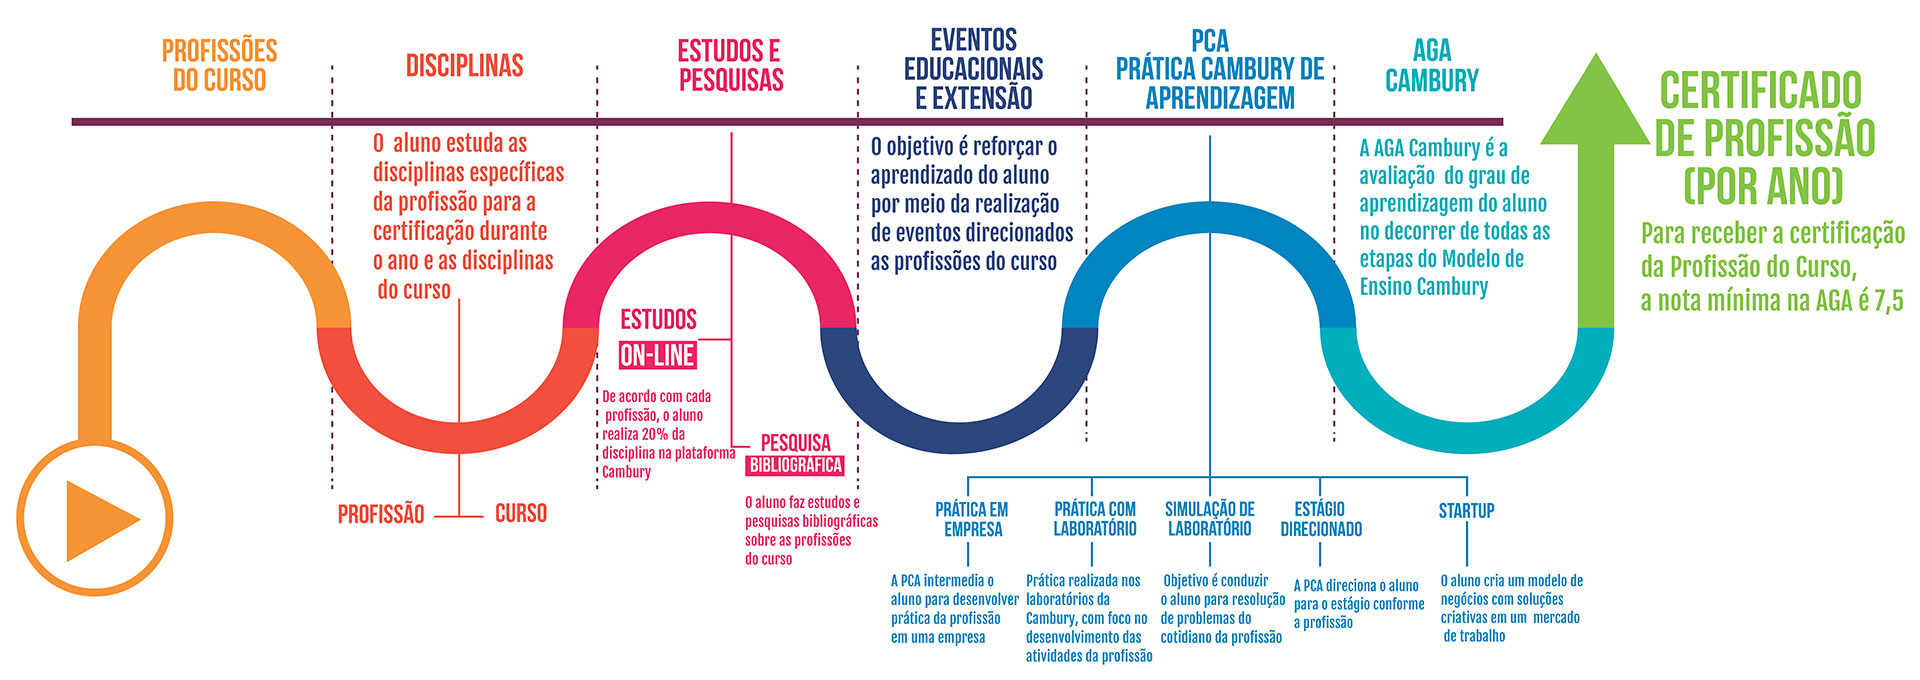 MODELO DE ENSINO CAMBURY - Modelo_de_Ensino_Unicambury